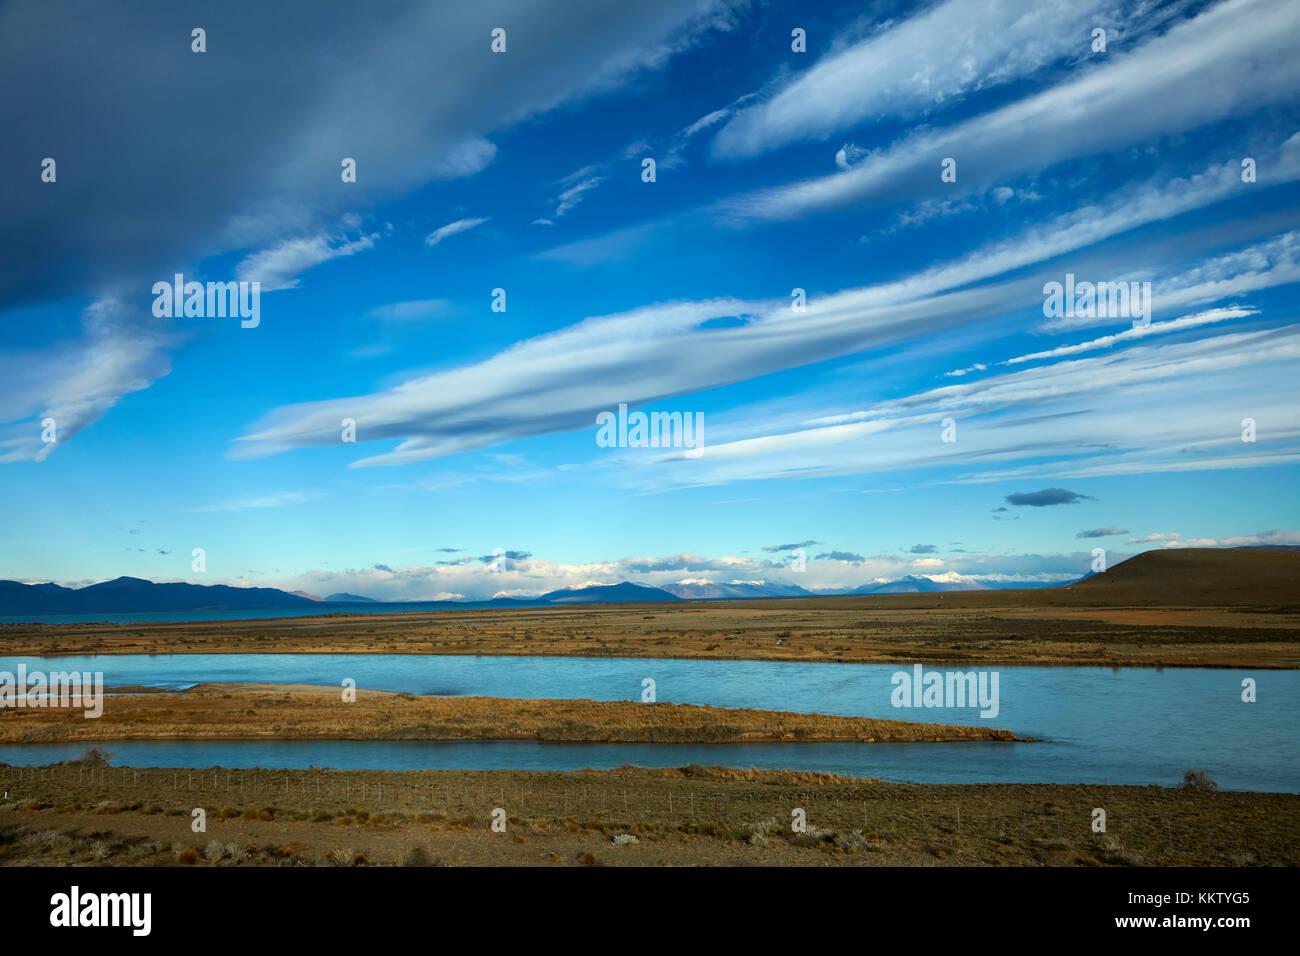 La Leona river, Patagonia, Argentina, Sud America Immagini Stock